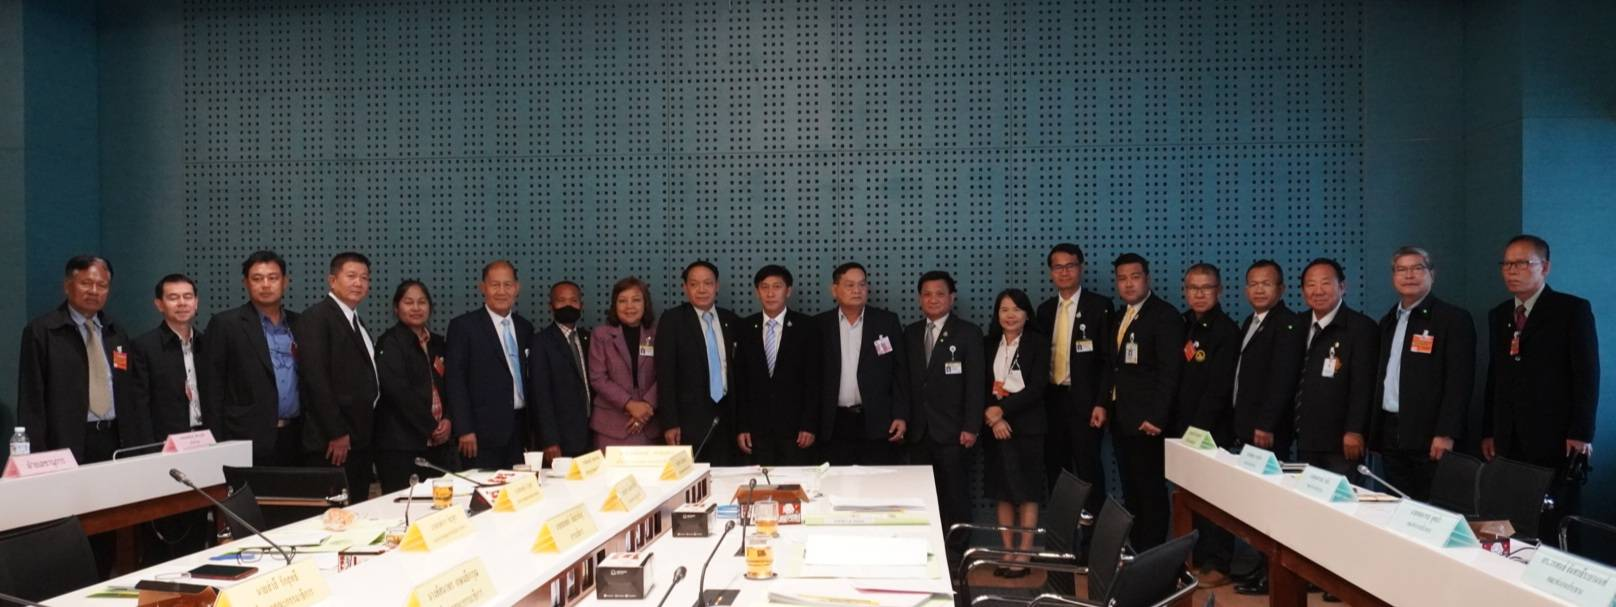 ผู้บริหาร กฟก.ประชุมร่วมคณะกรรมาธิการแก้ไขปัญหาหนี้สินแห่งชาติ ณ รัฐสภา